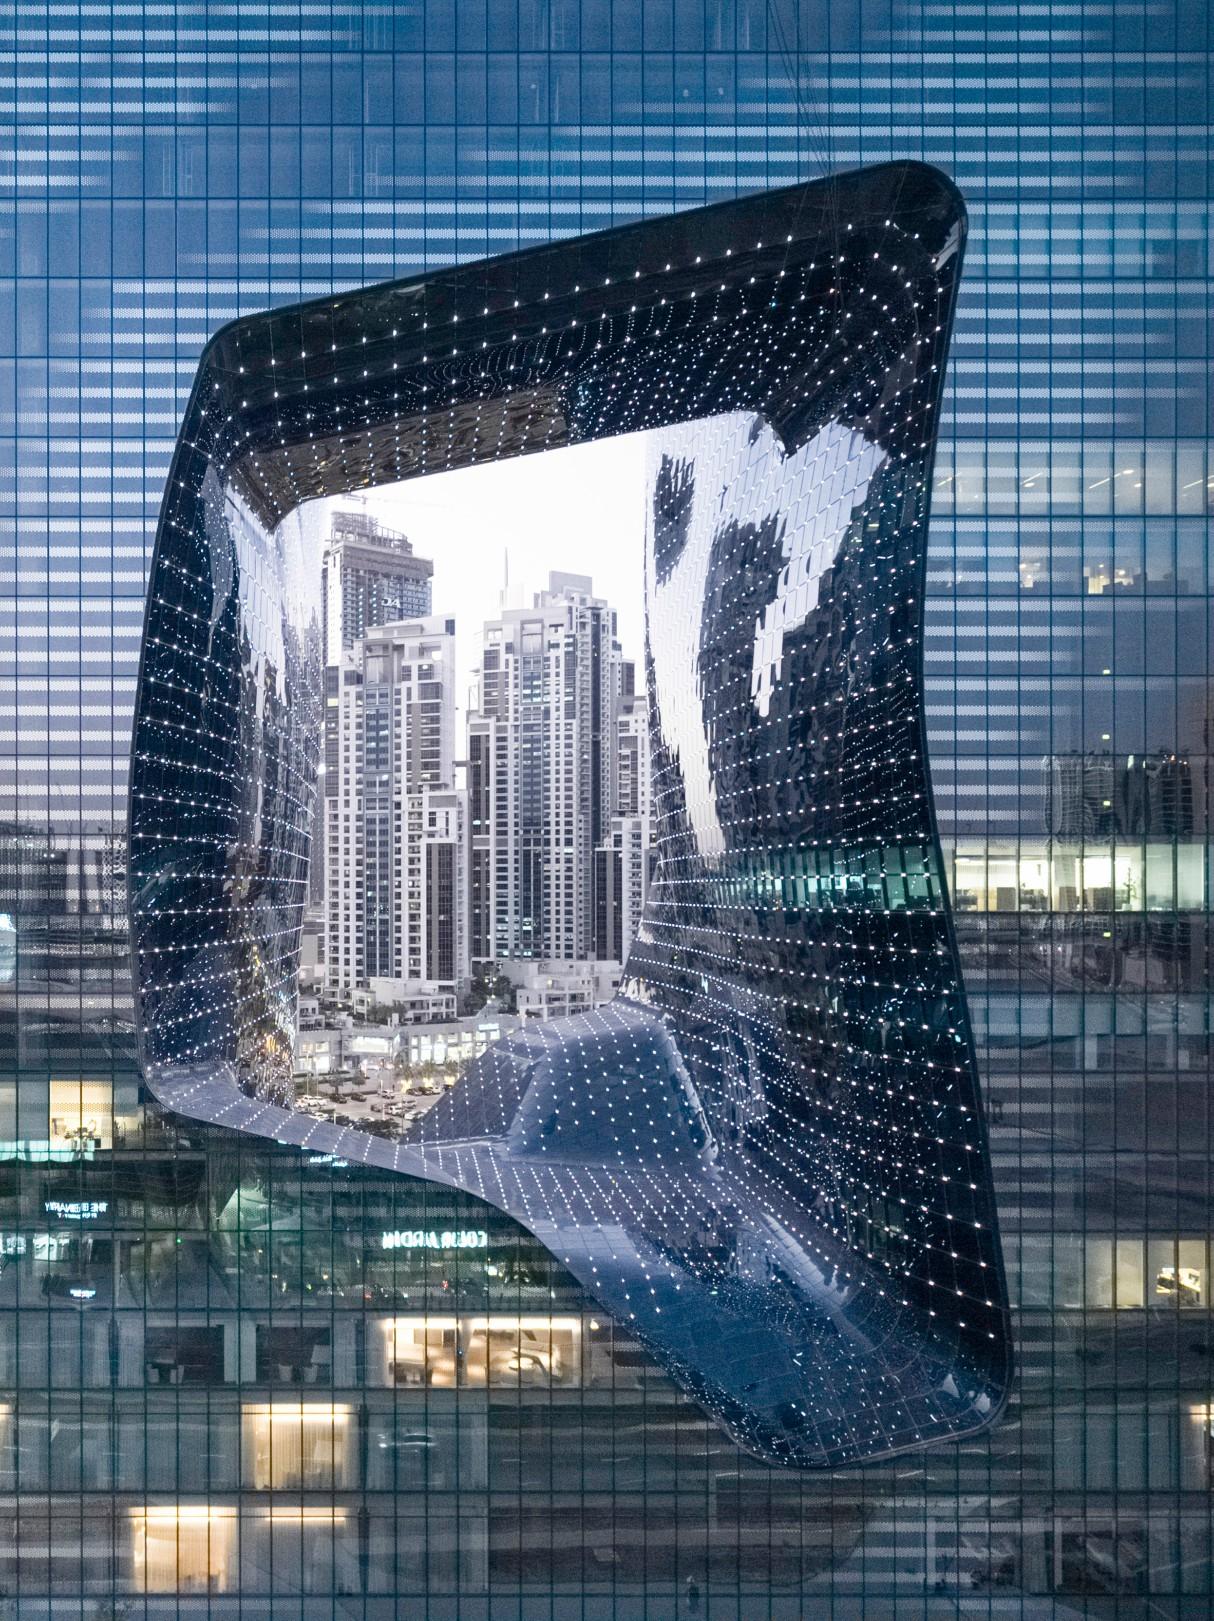 Zaha Hadid Architects' ME Dubai Hotel Exterior